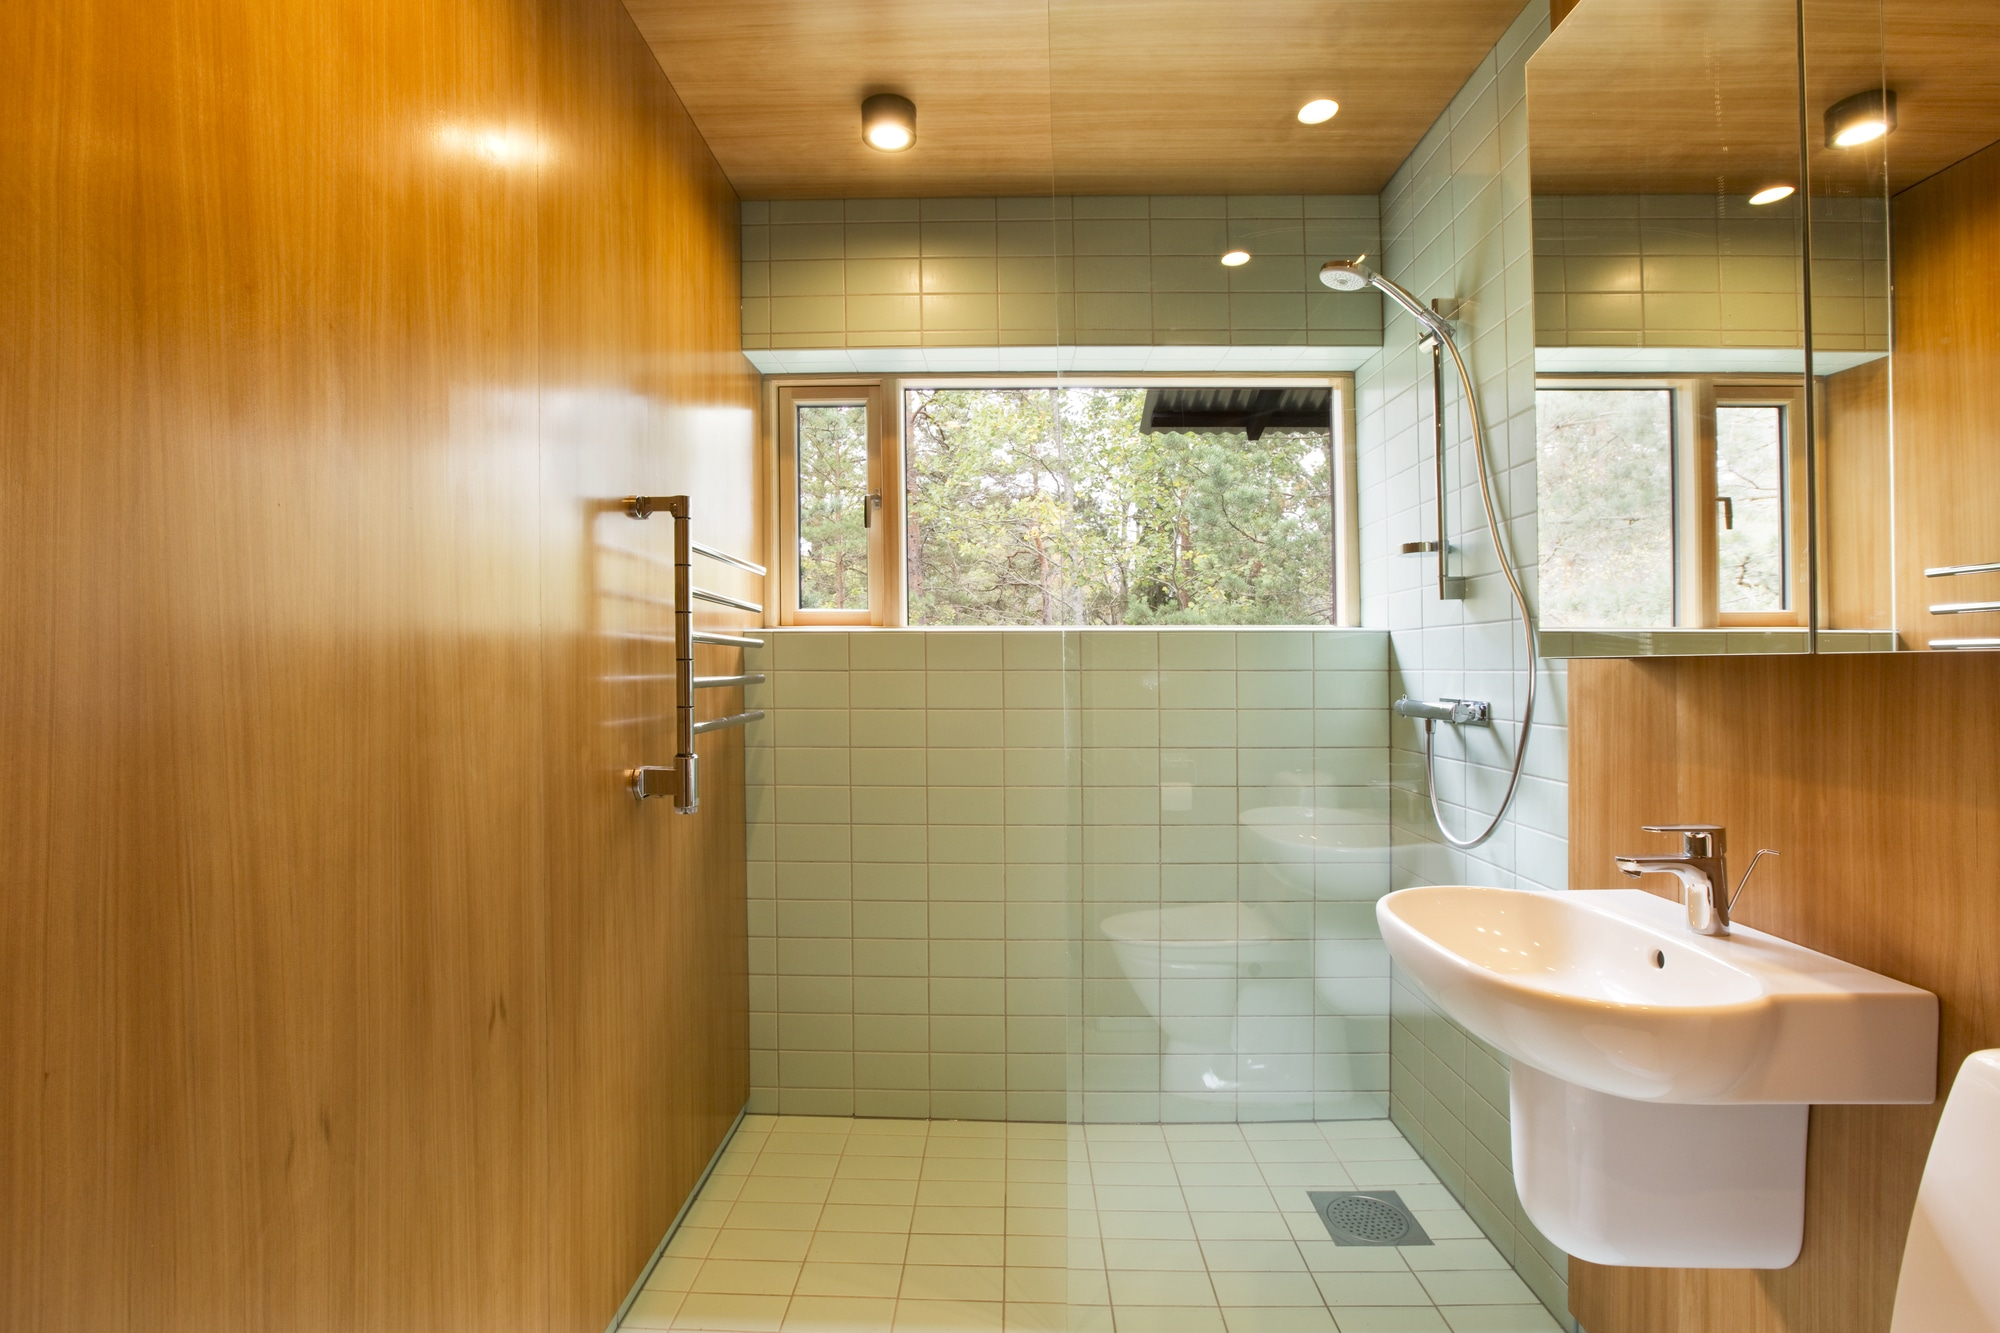 Dise o de casa peque a de madera fachada planos interior Disenos modernos con elementos de madera